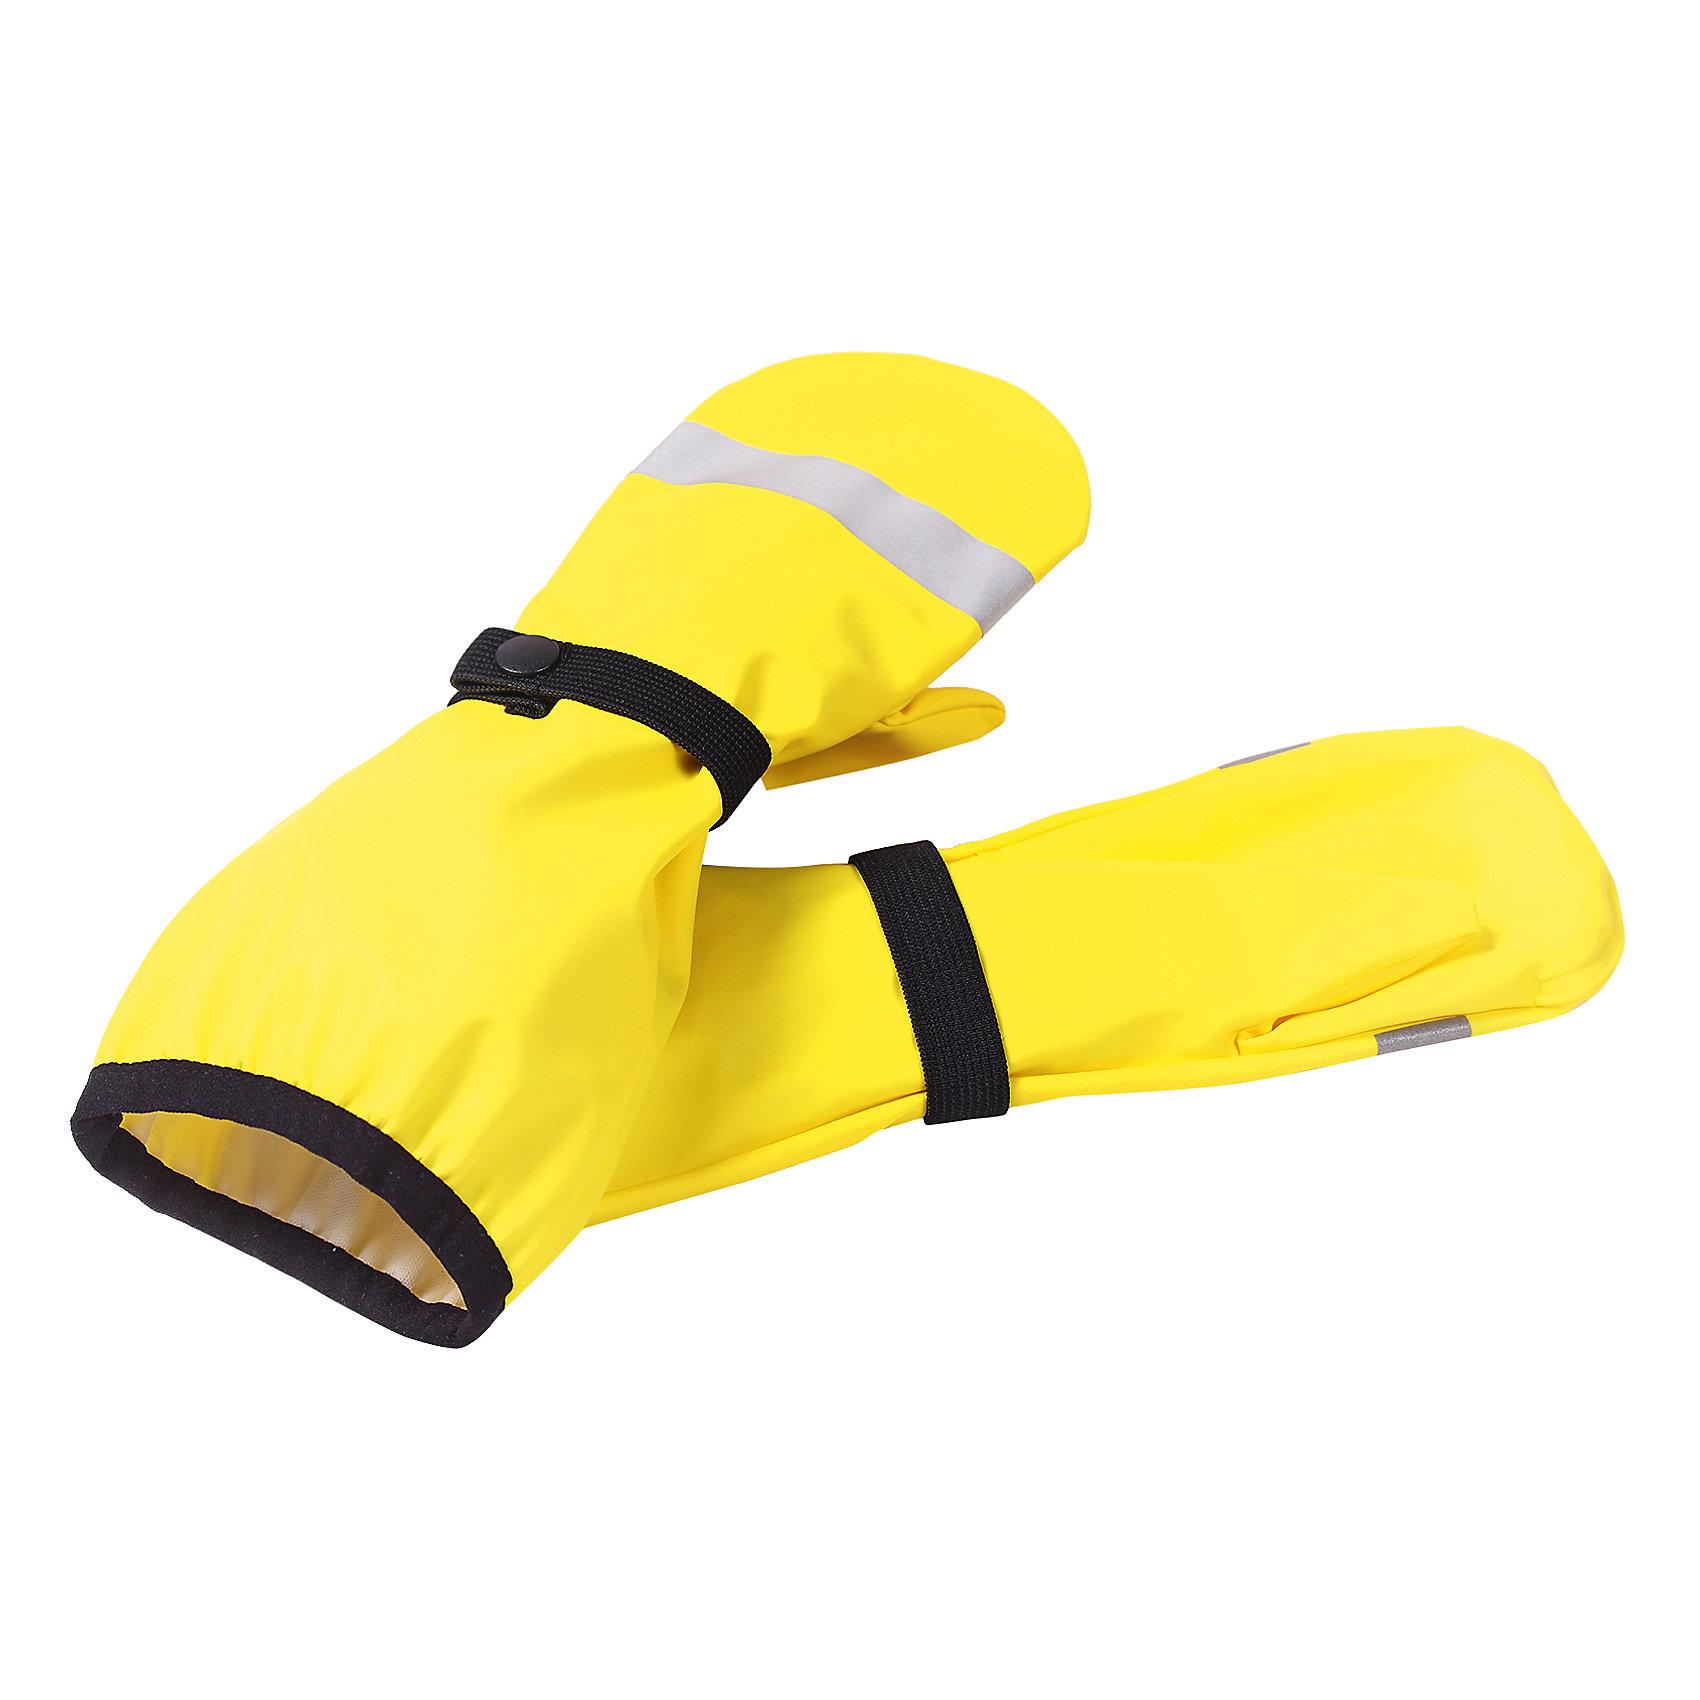 Варежки ReimaВарежки от финской марки Reima.<br>Непромокаемые варежки для малышей. Запаянные швы, не пропускающие влагу. Эластичный материал. Без подкладки.<br>Состав:<br>100% ПЭ, ПУ-покрытие<br><br>Ширина мм: 162<br>Глубина мм: 171<br>Высота мм: 55<br>Вес г: 119<br>Цвет: желтый<br>Возраст от месяцев: 24<br>Возраст до месяцев: 48<br>Пол: Унисекс<br>Возраст: Детский<br>Размер: 3,2,1<br>SKU: 4653102